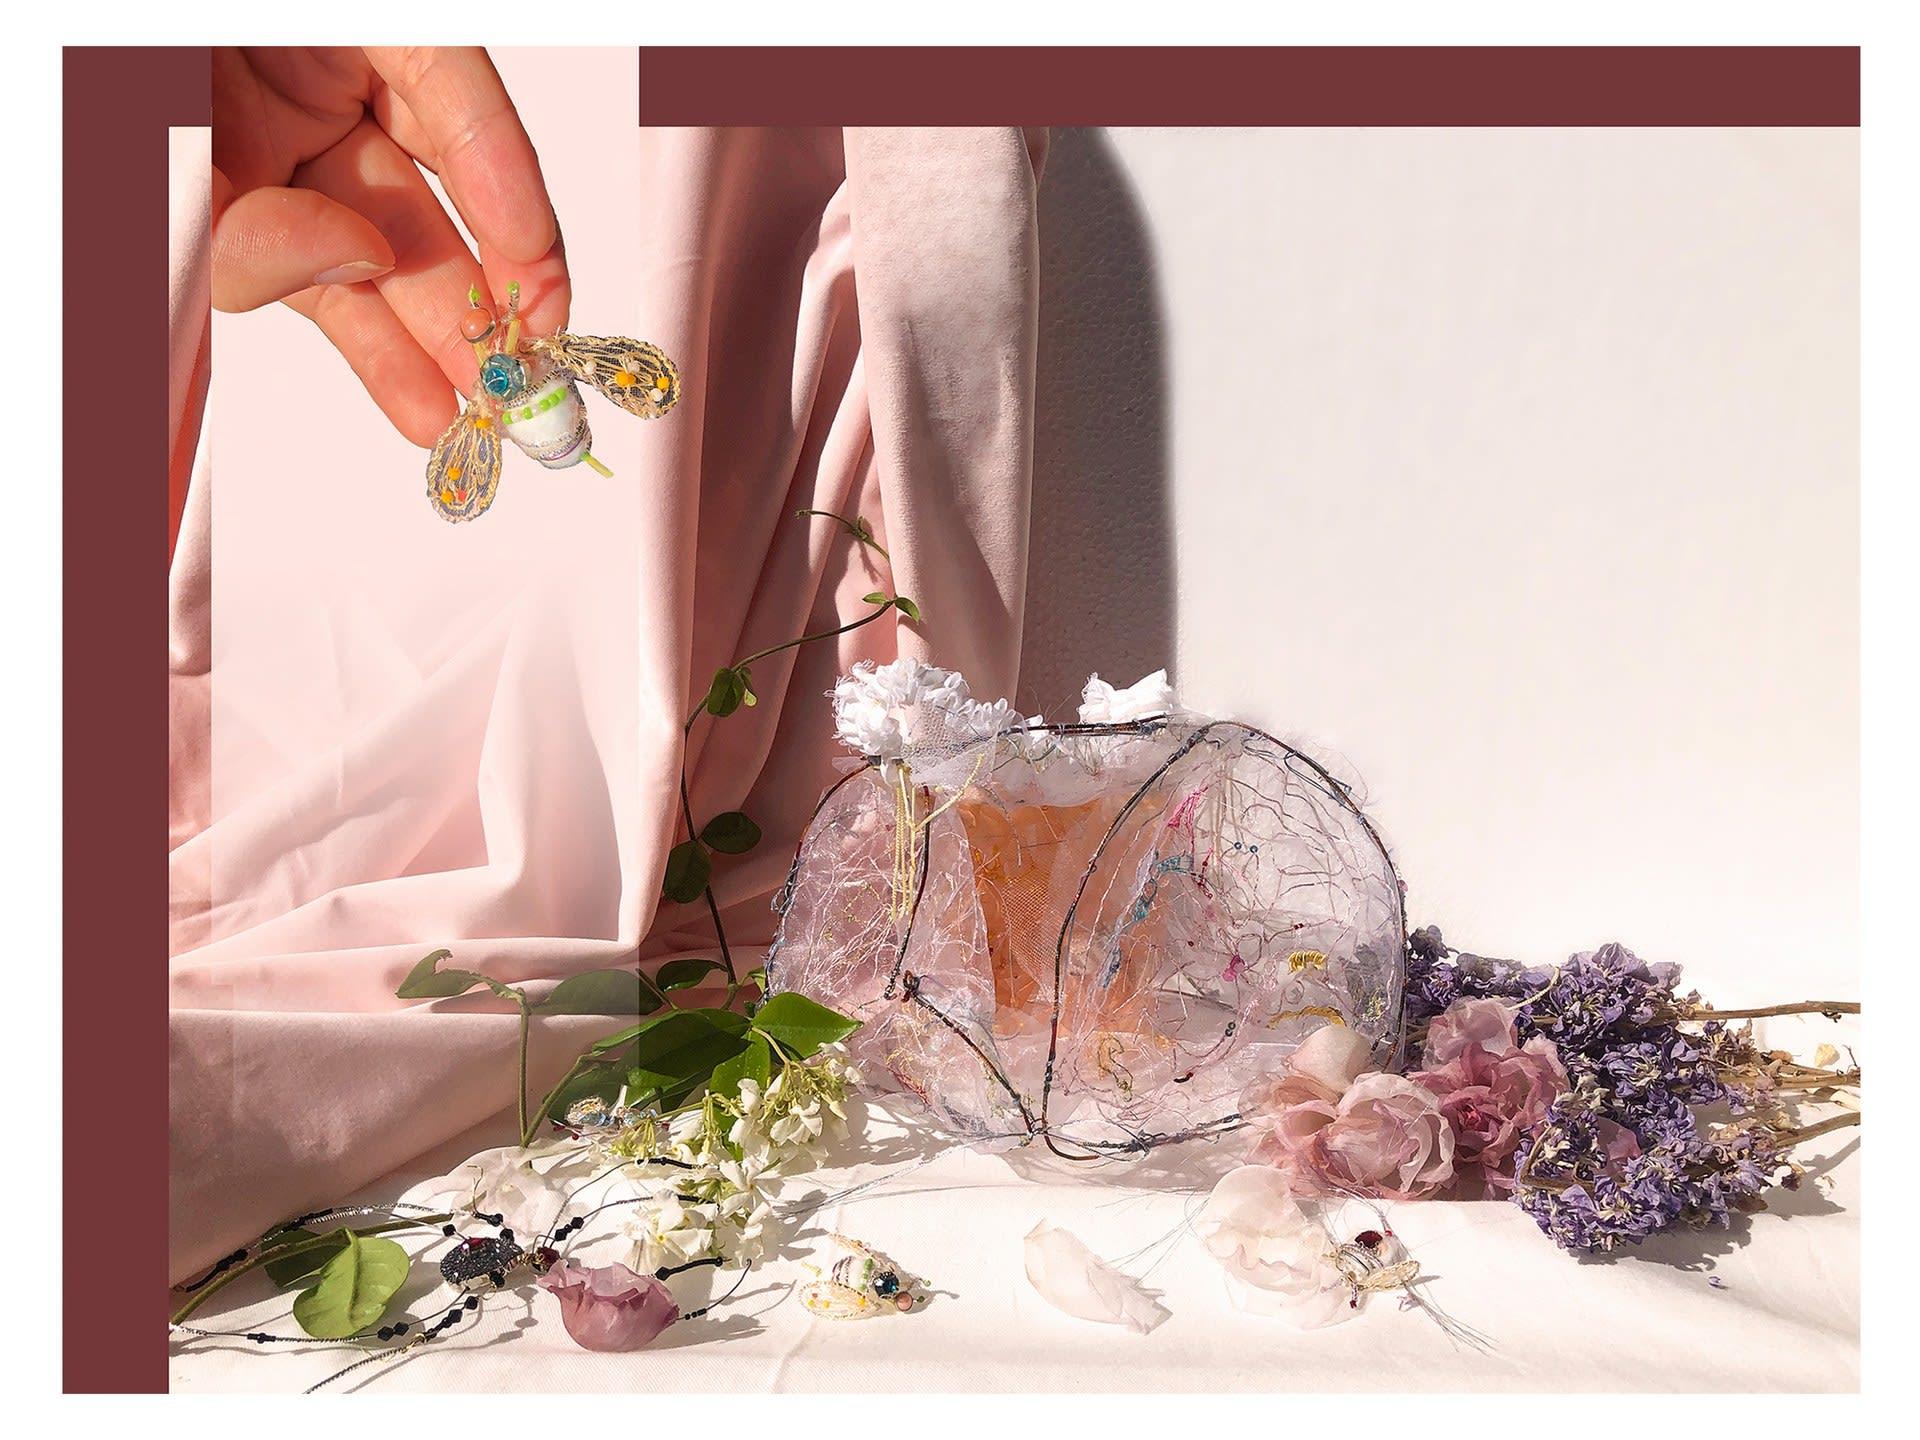 Flower Ball & Honeycomb